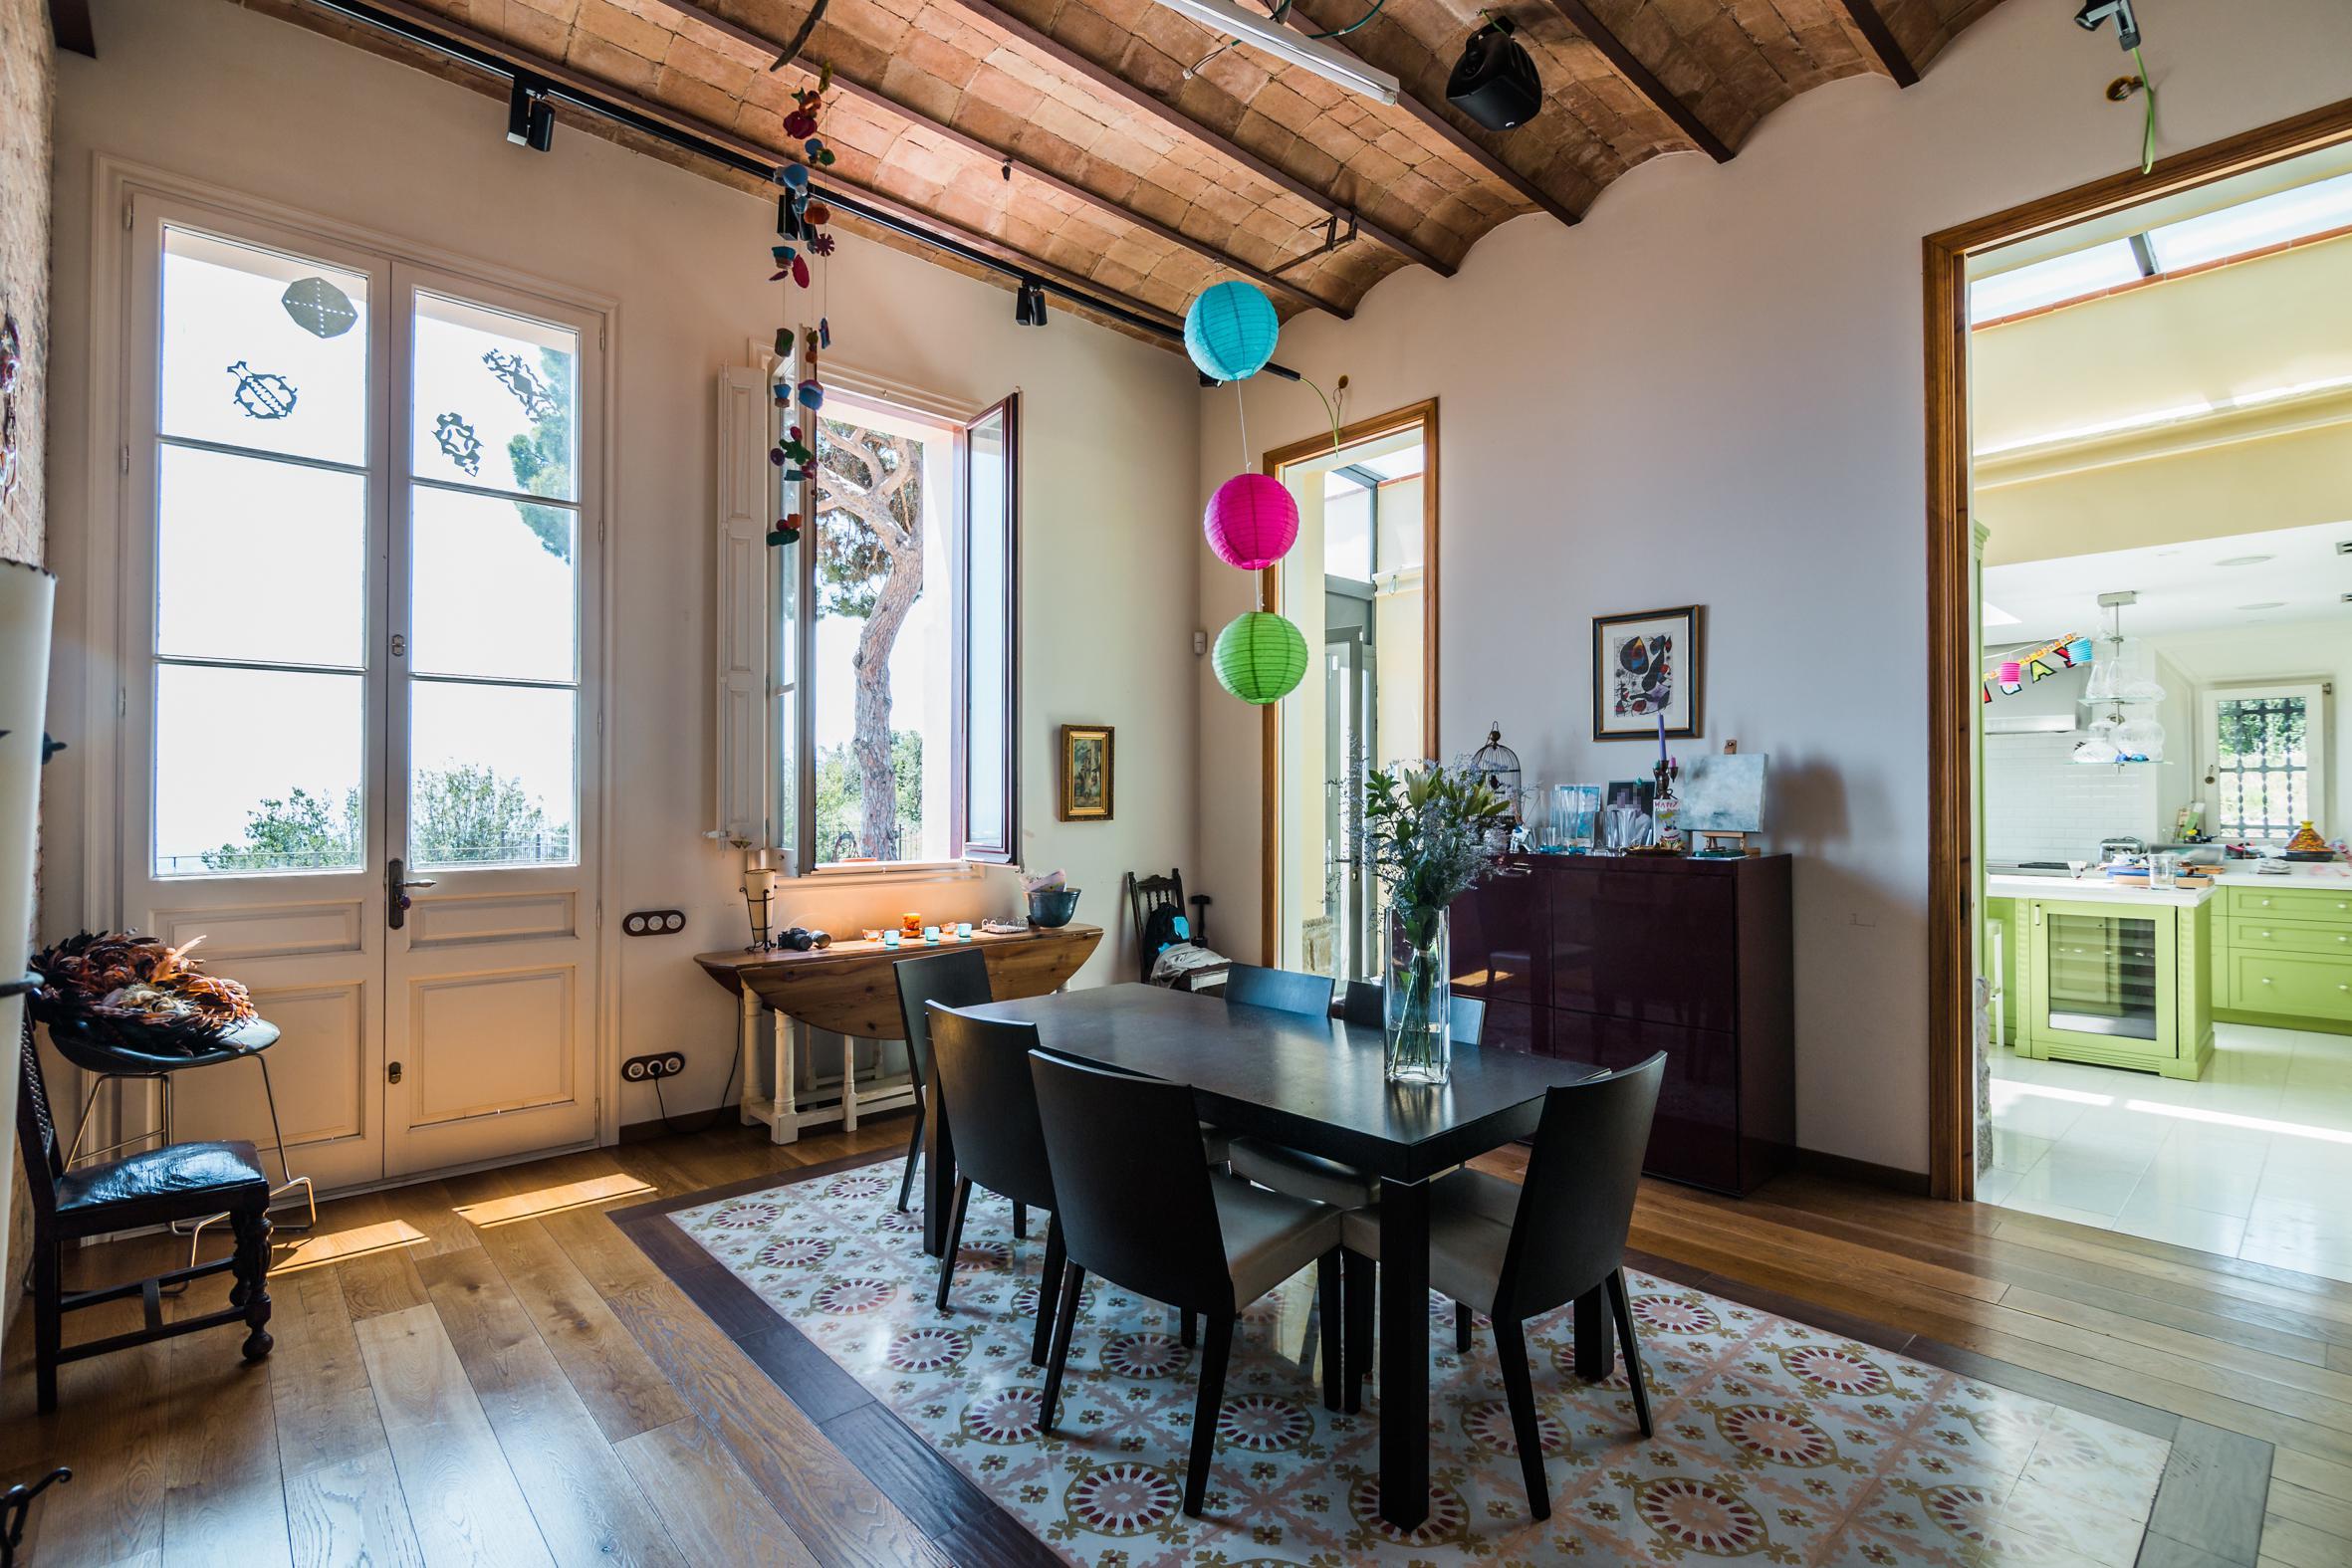 208148 Casa Aislada en venta en Sarrià-Sant Gervasi, Sarrià 8